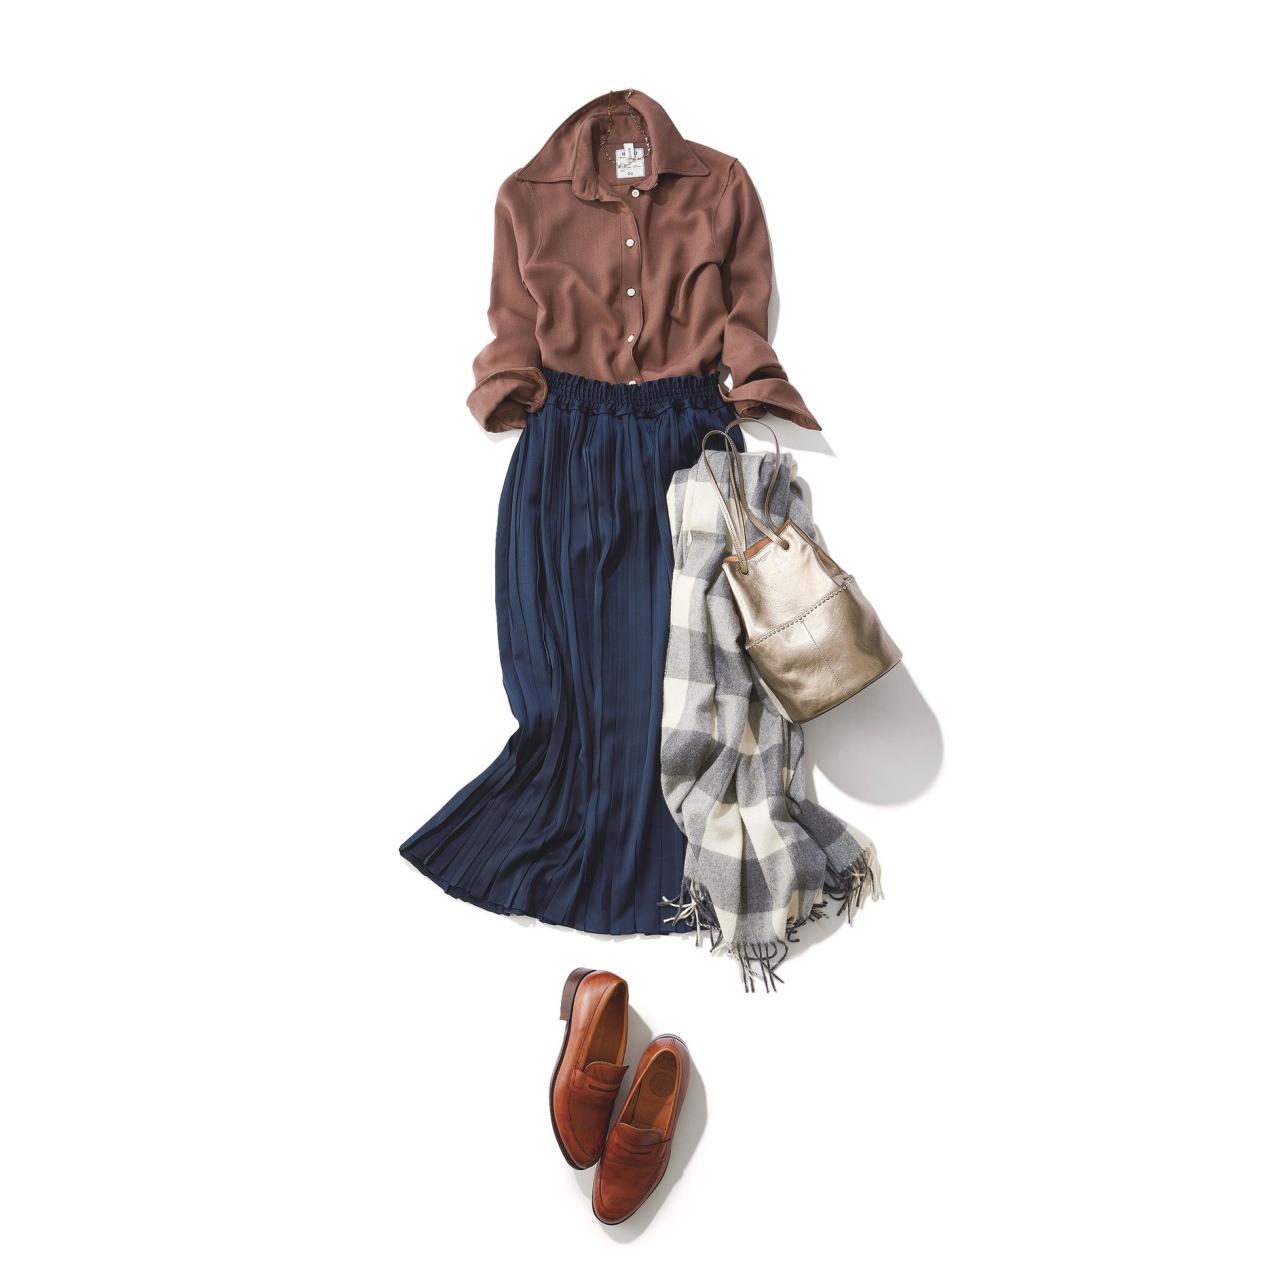 ネイビーのプリーツスカート×ブラウンシャツのファッションコーデ